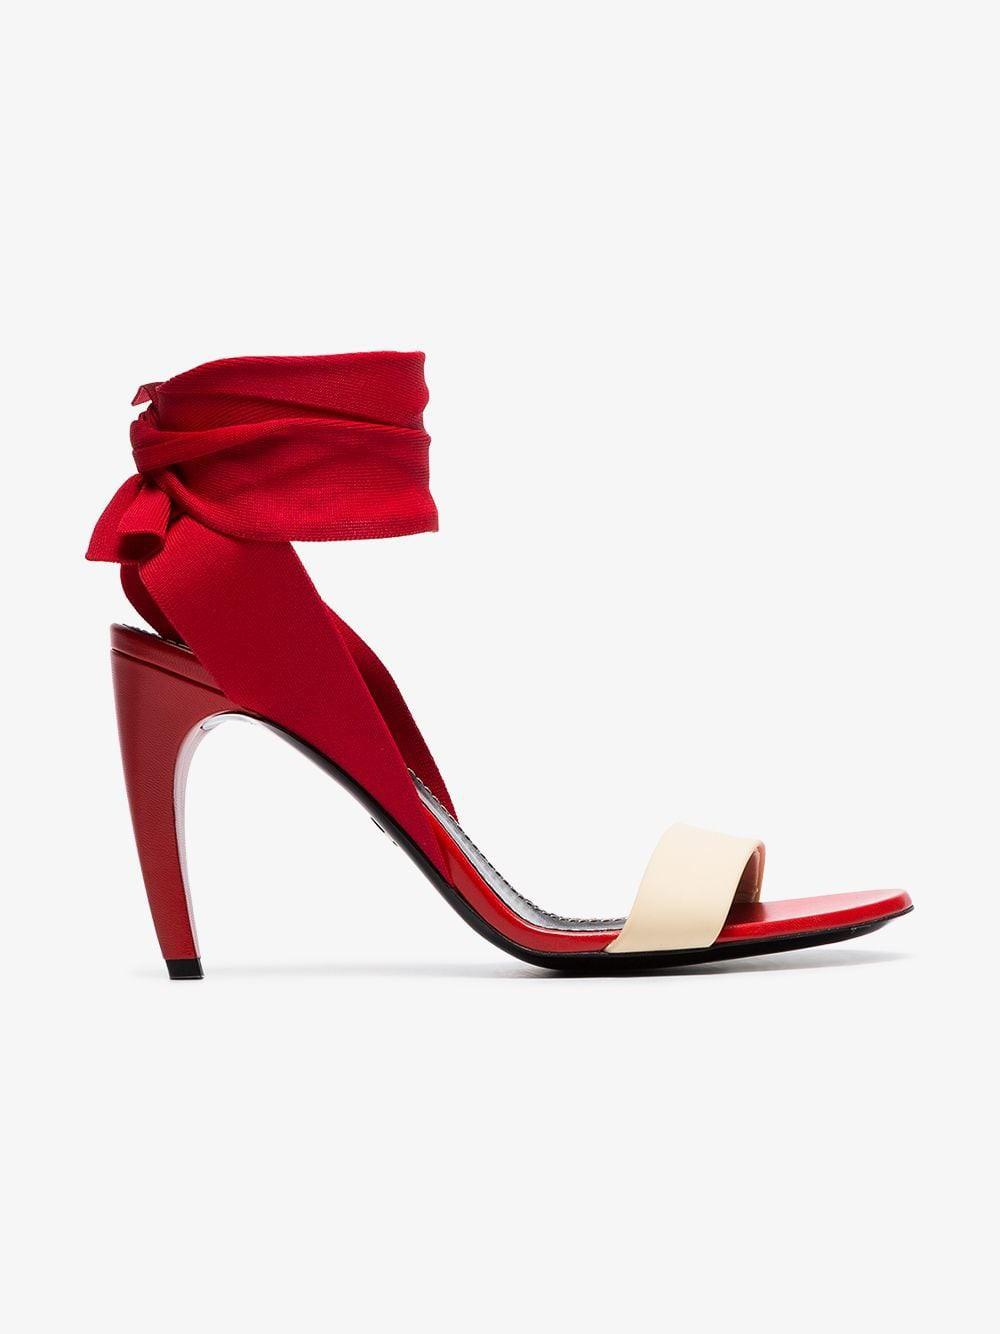 Proenza Schouler Ankle Tie Curved Heel Sandals in red